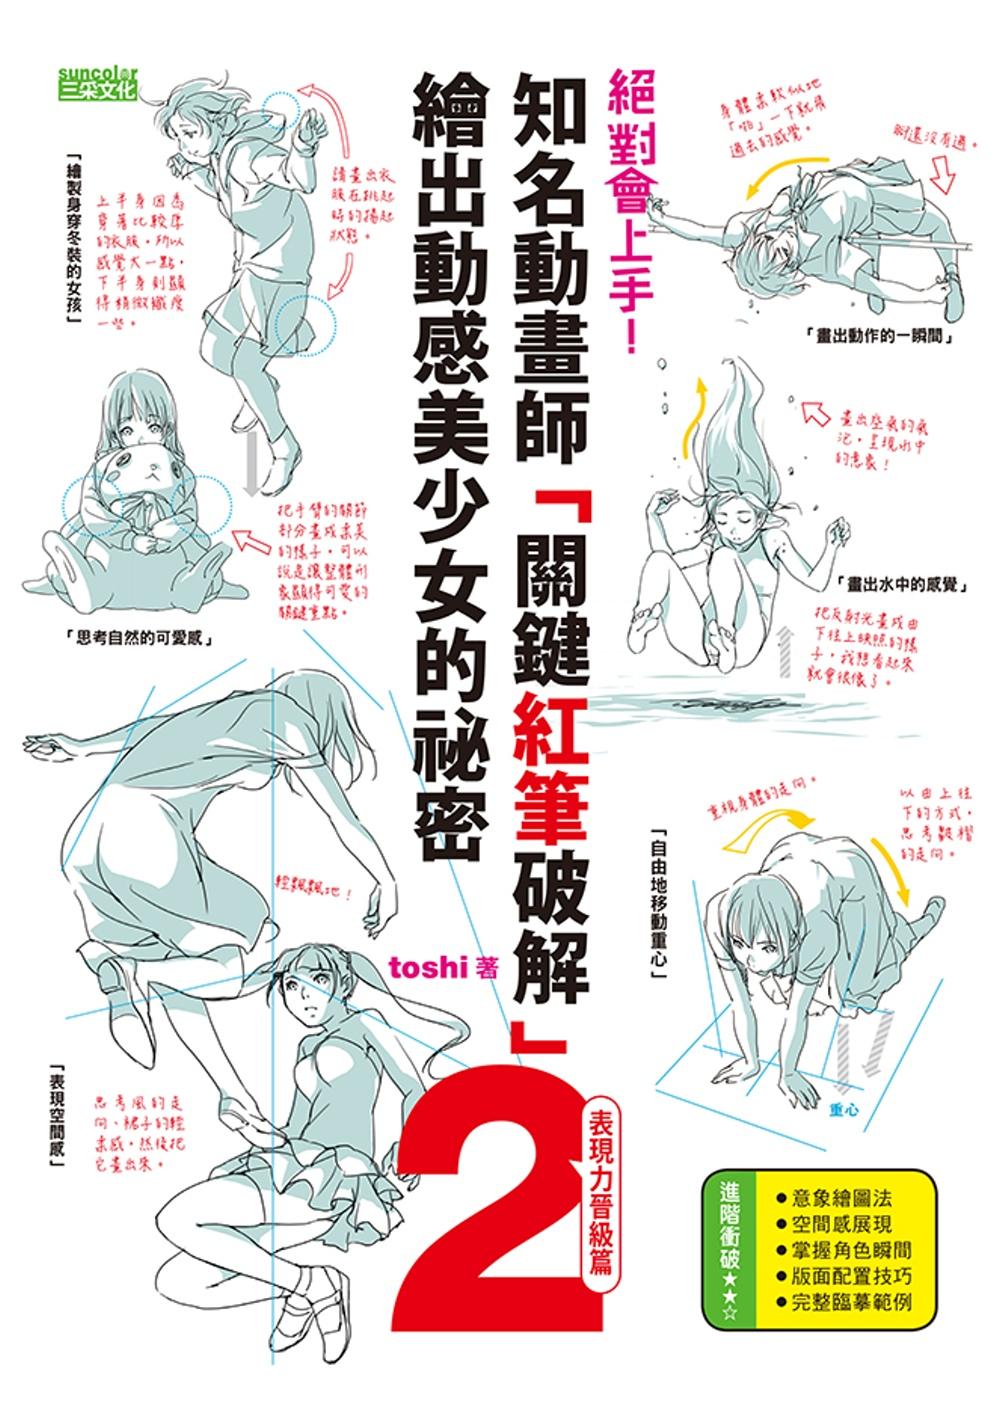 絕對會上手!知名動畫師「關鍵紅筆破解」繪出動感美少女的祕密(2)表現力晉級篇